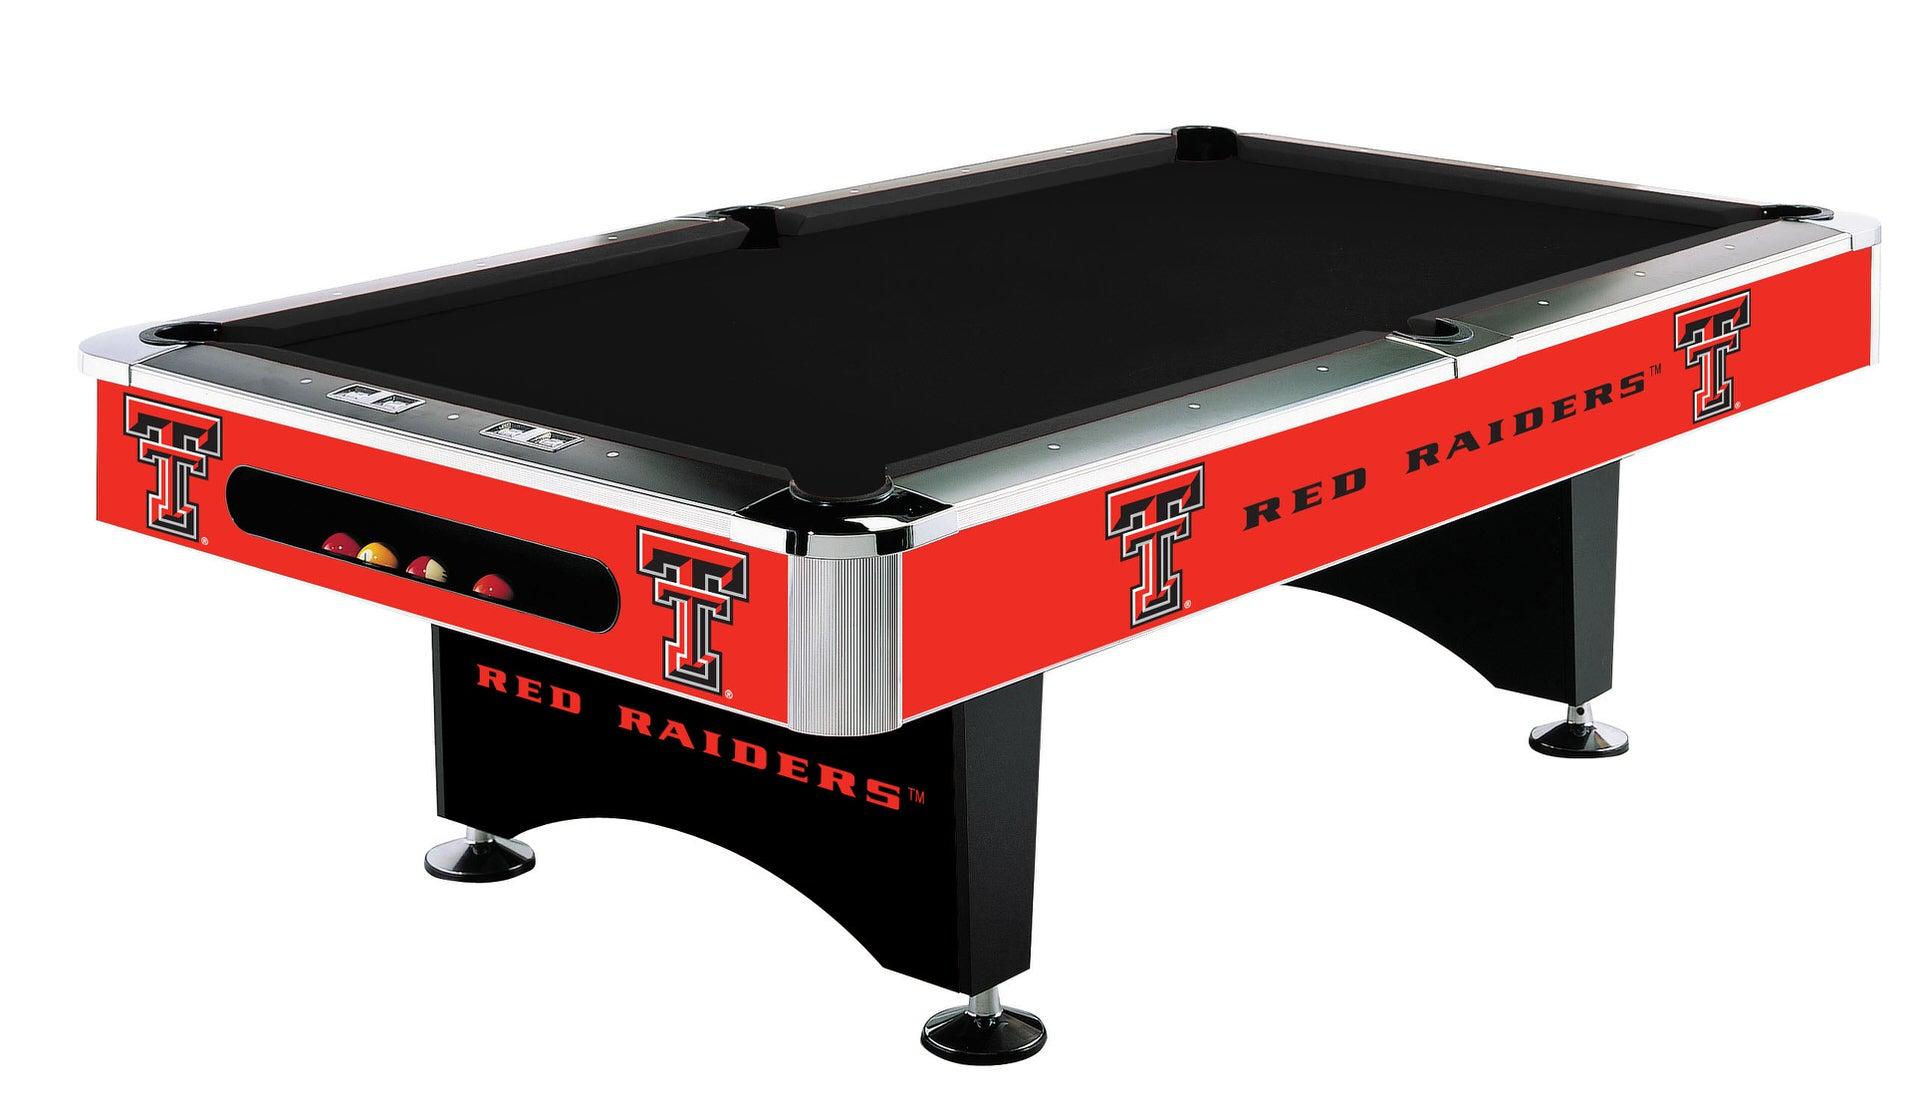 Texas Tech Pool Table Red Raider Fans - Raiders pool table